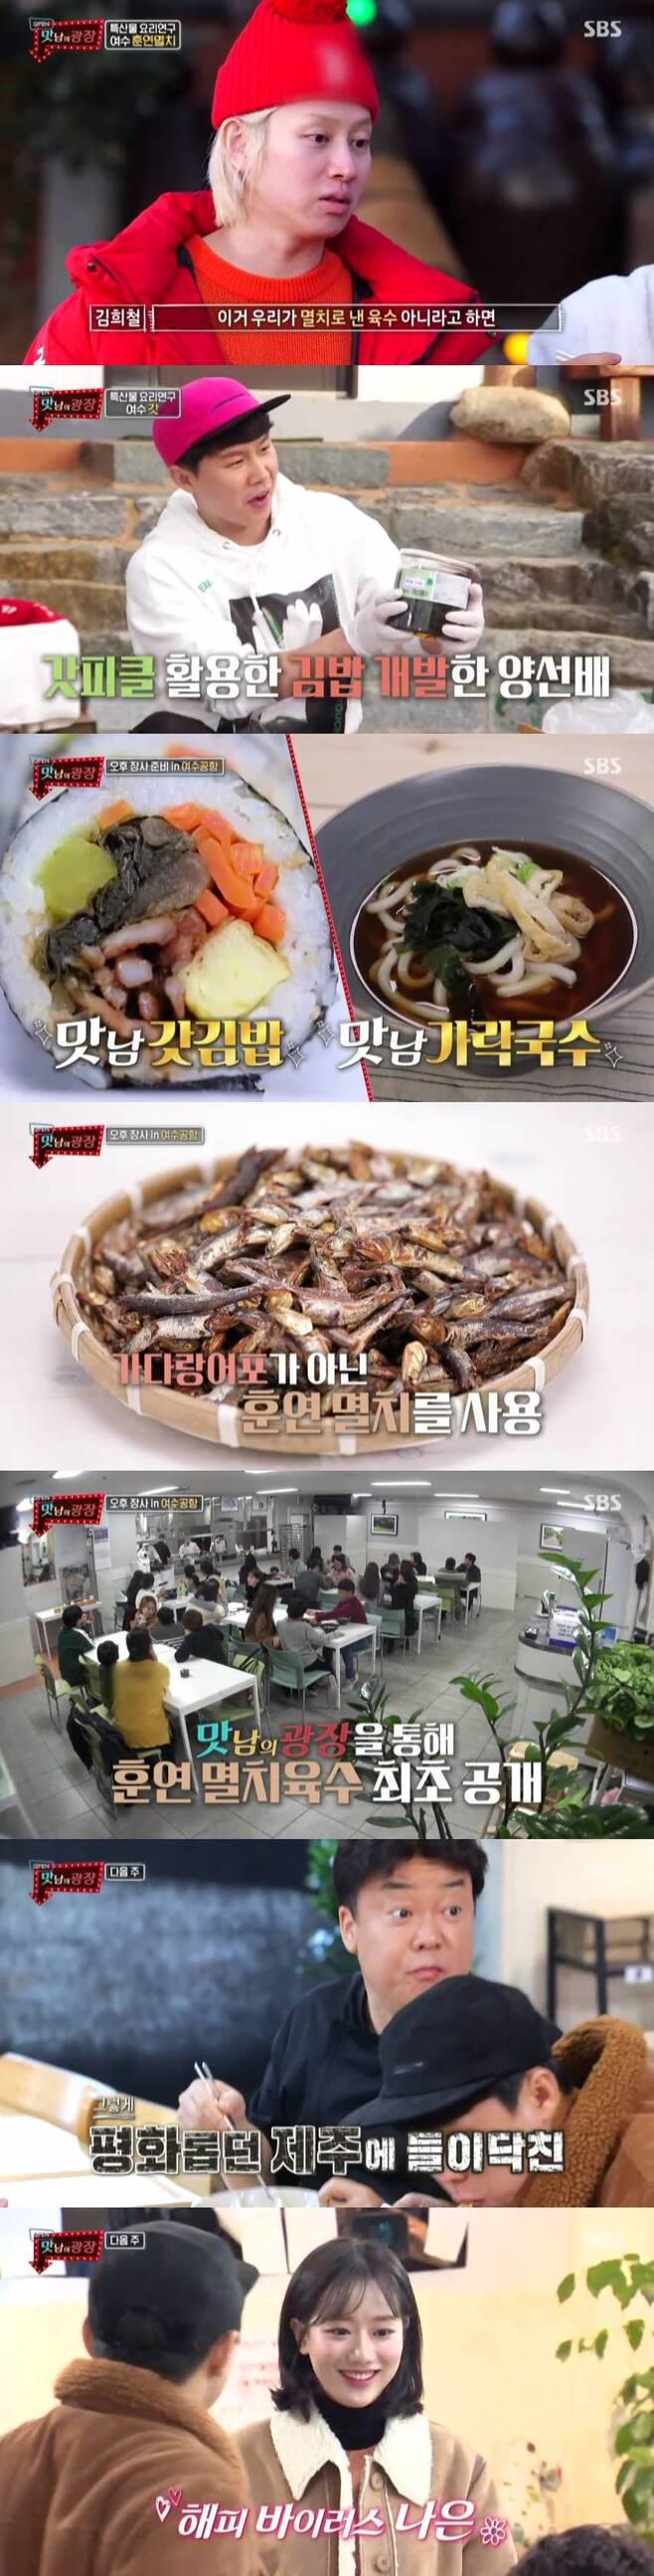 ▲ 맛남의 광장. 출처ㅣSBS 방송화면 캡처